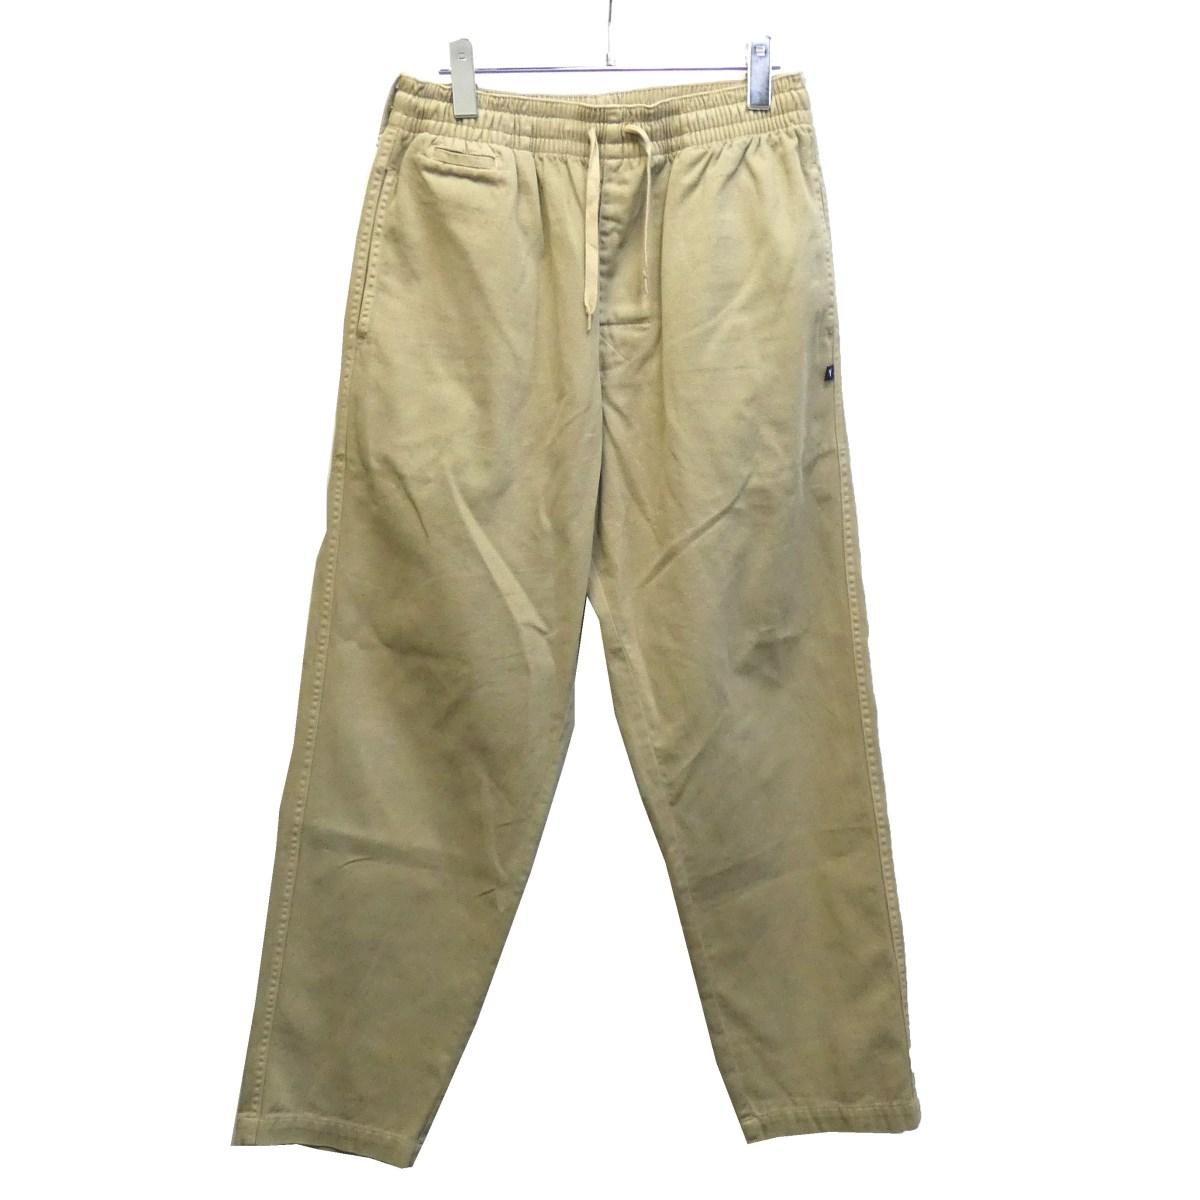 【中古】DESCENDANT 19SS「SHORE TWILL PANTS」ツイルイージーパンツ オリーブ サイズ:2 【130120】(ディセンダント)